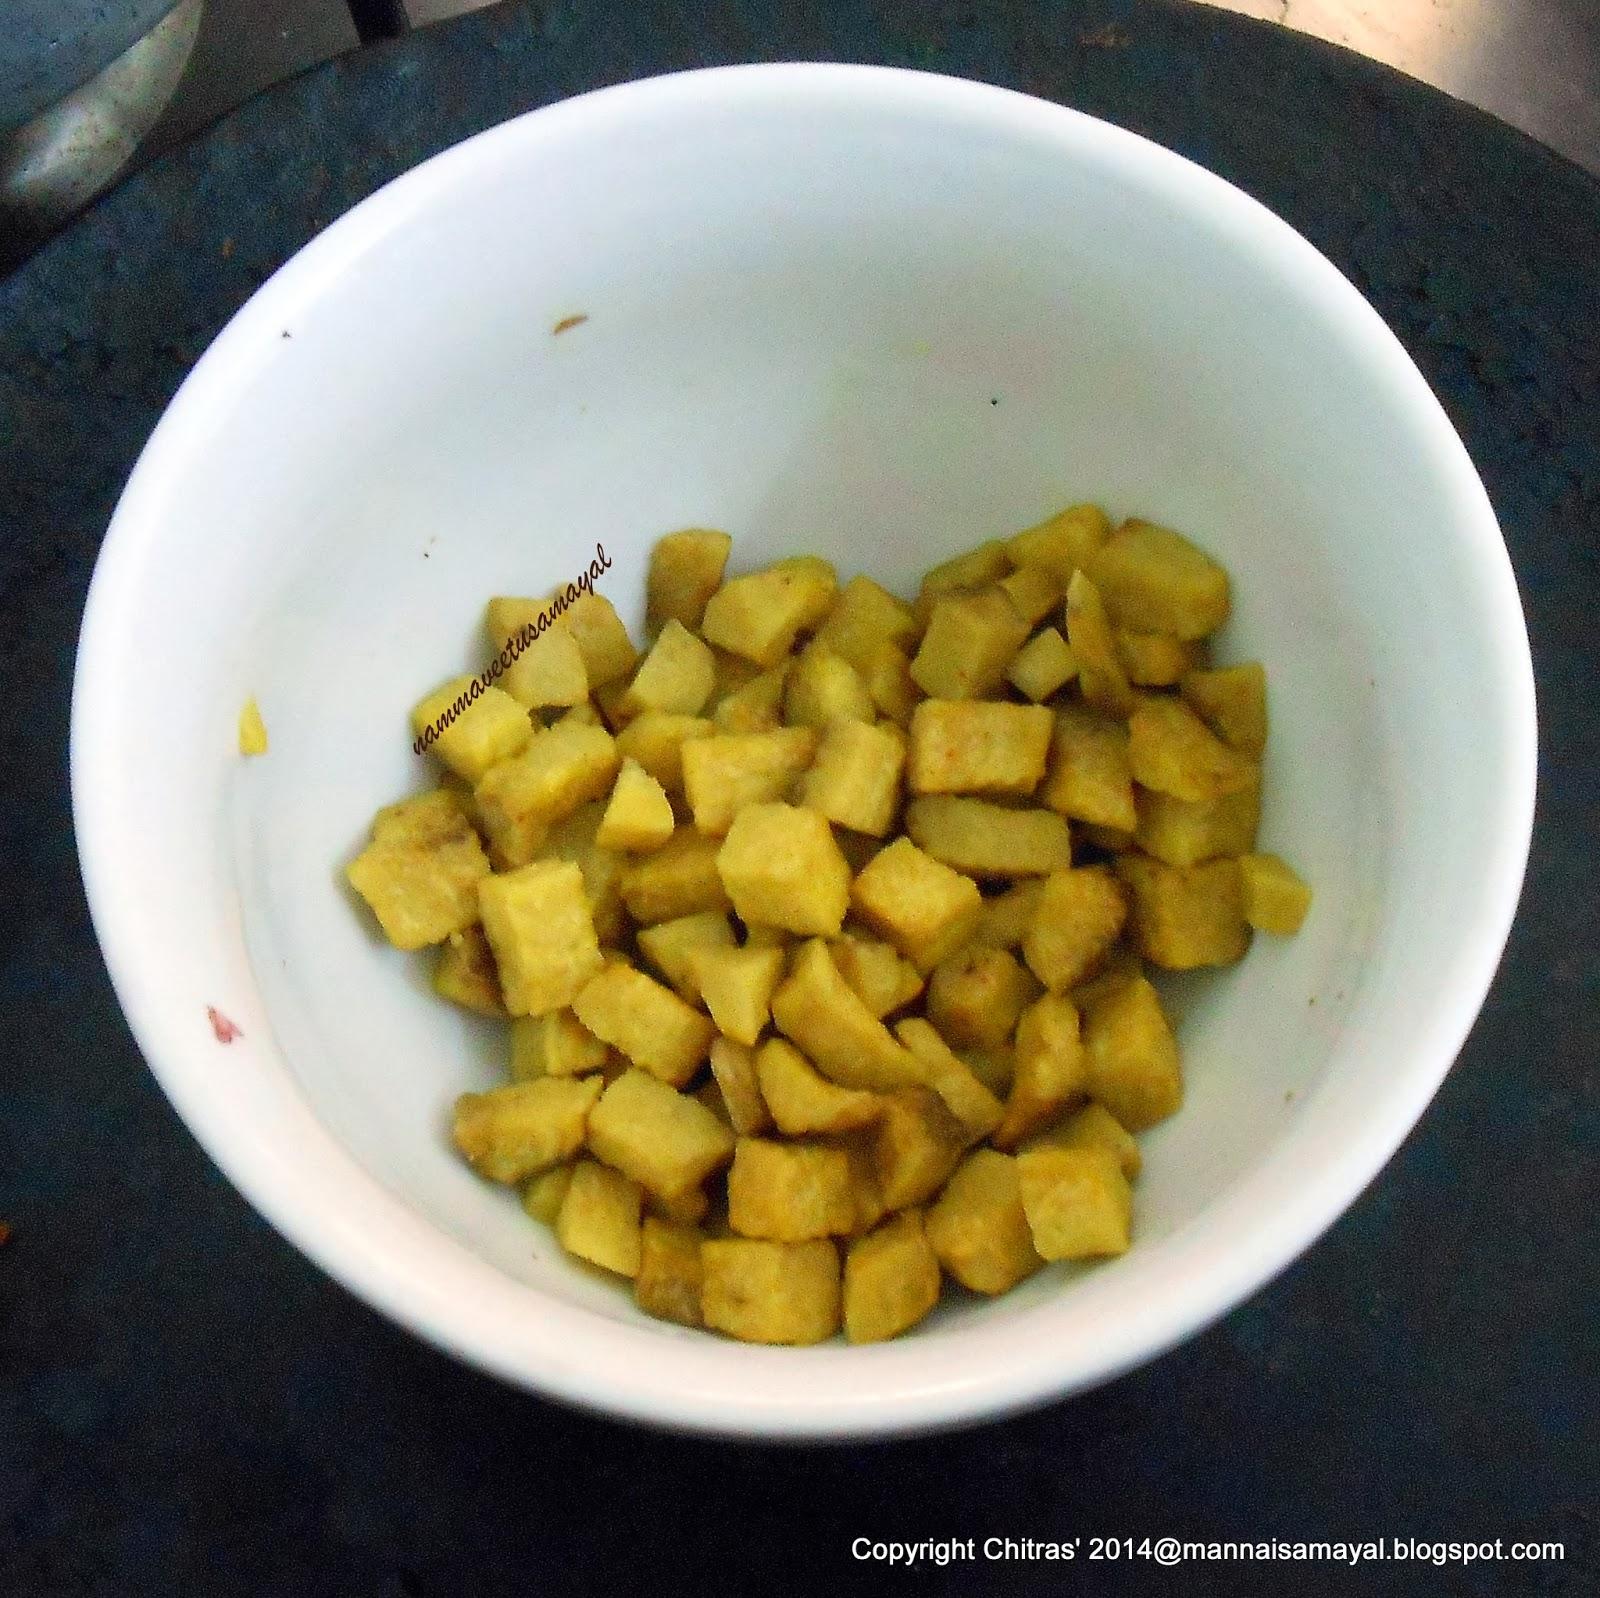 Microwaved Senai [ Yam ]